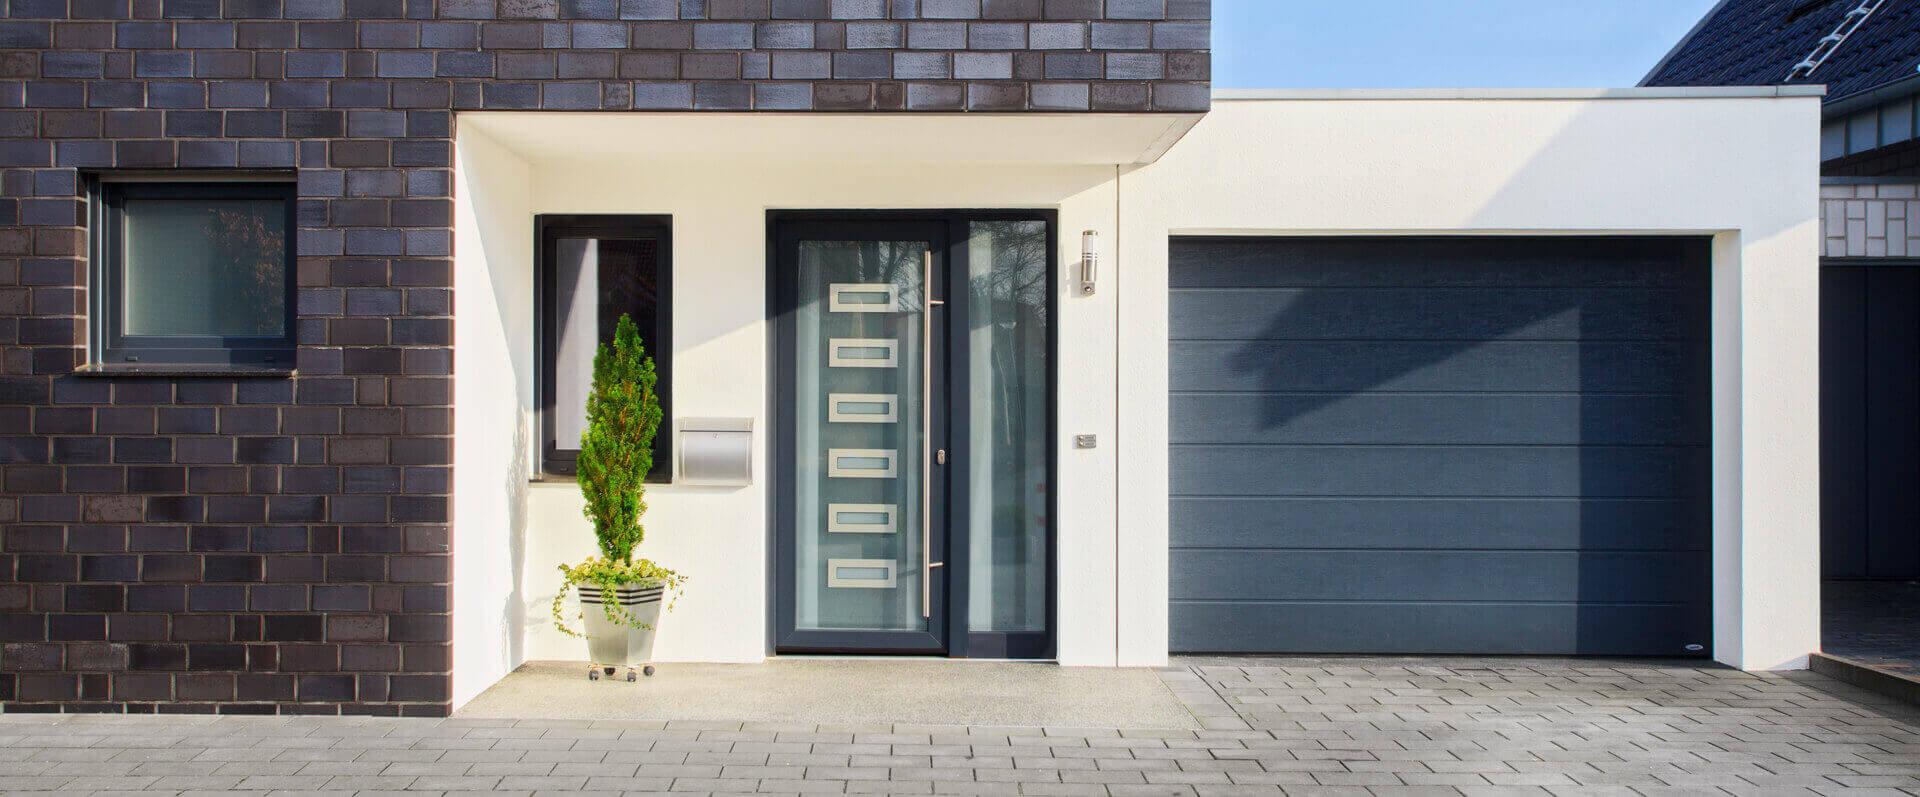 Hausturen-Eingangstuere-Sicherheit-Pirnar-schueco-hg-raumdesign